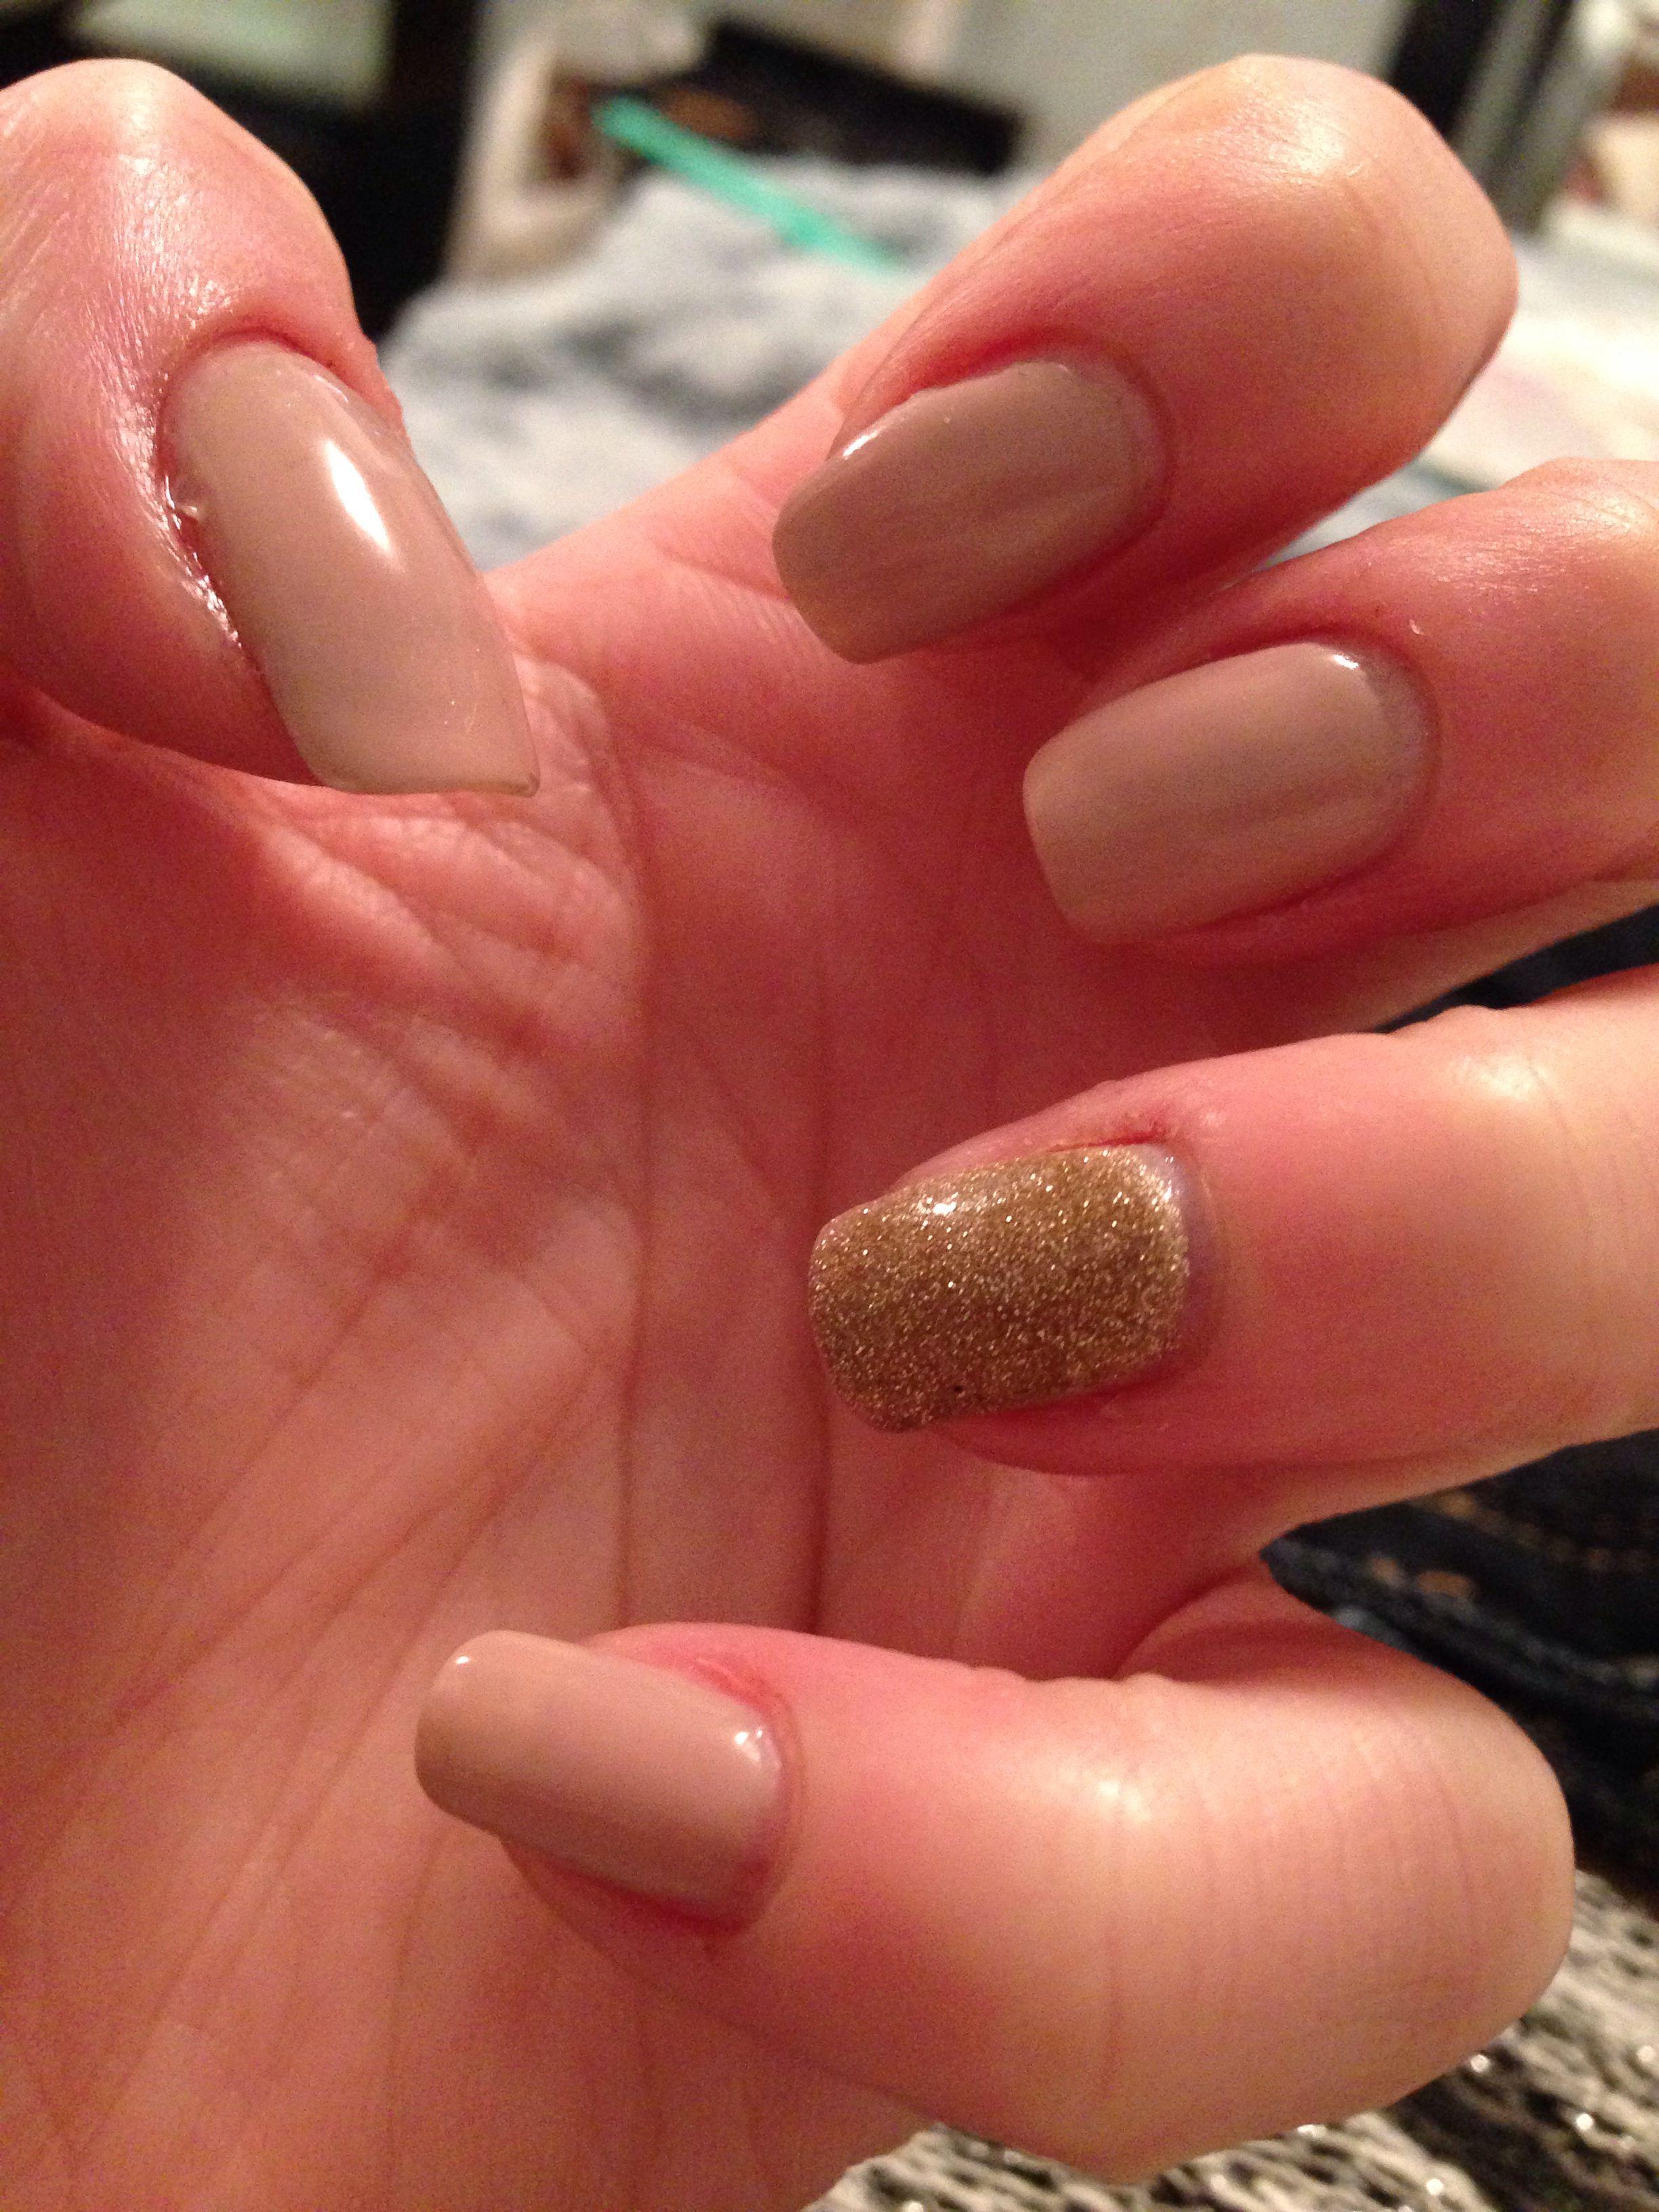 My nail, natural nails, taupe shellac sensationail gel   Nails ...